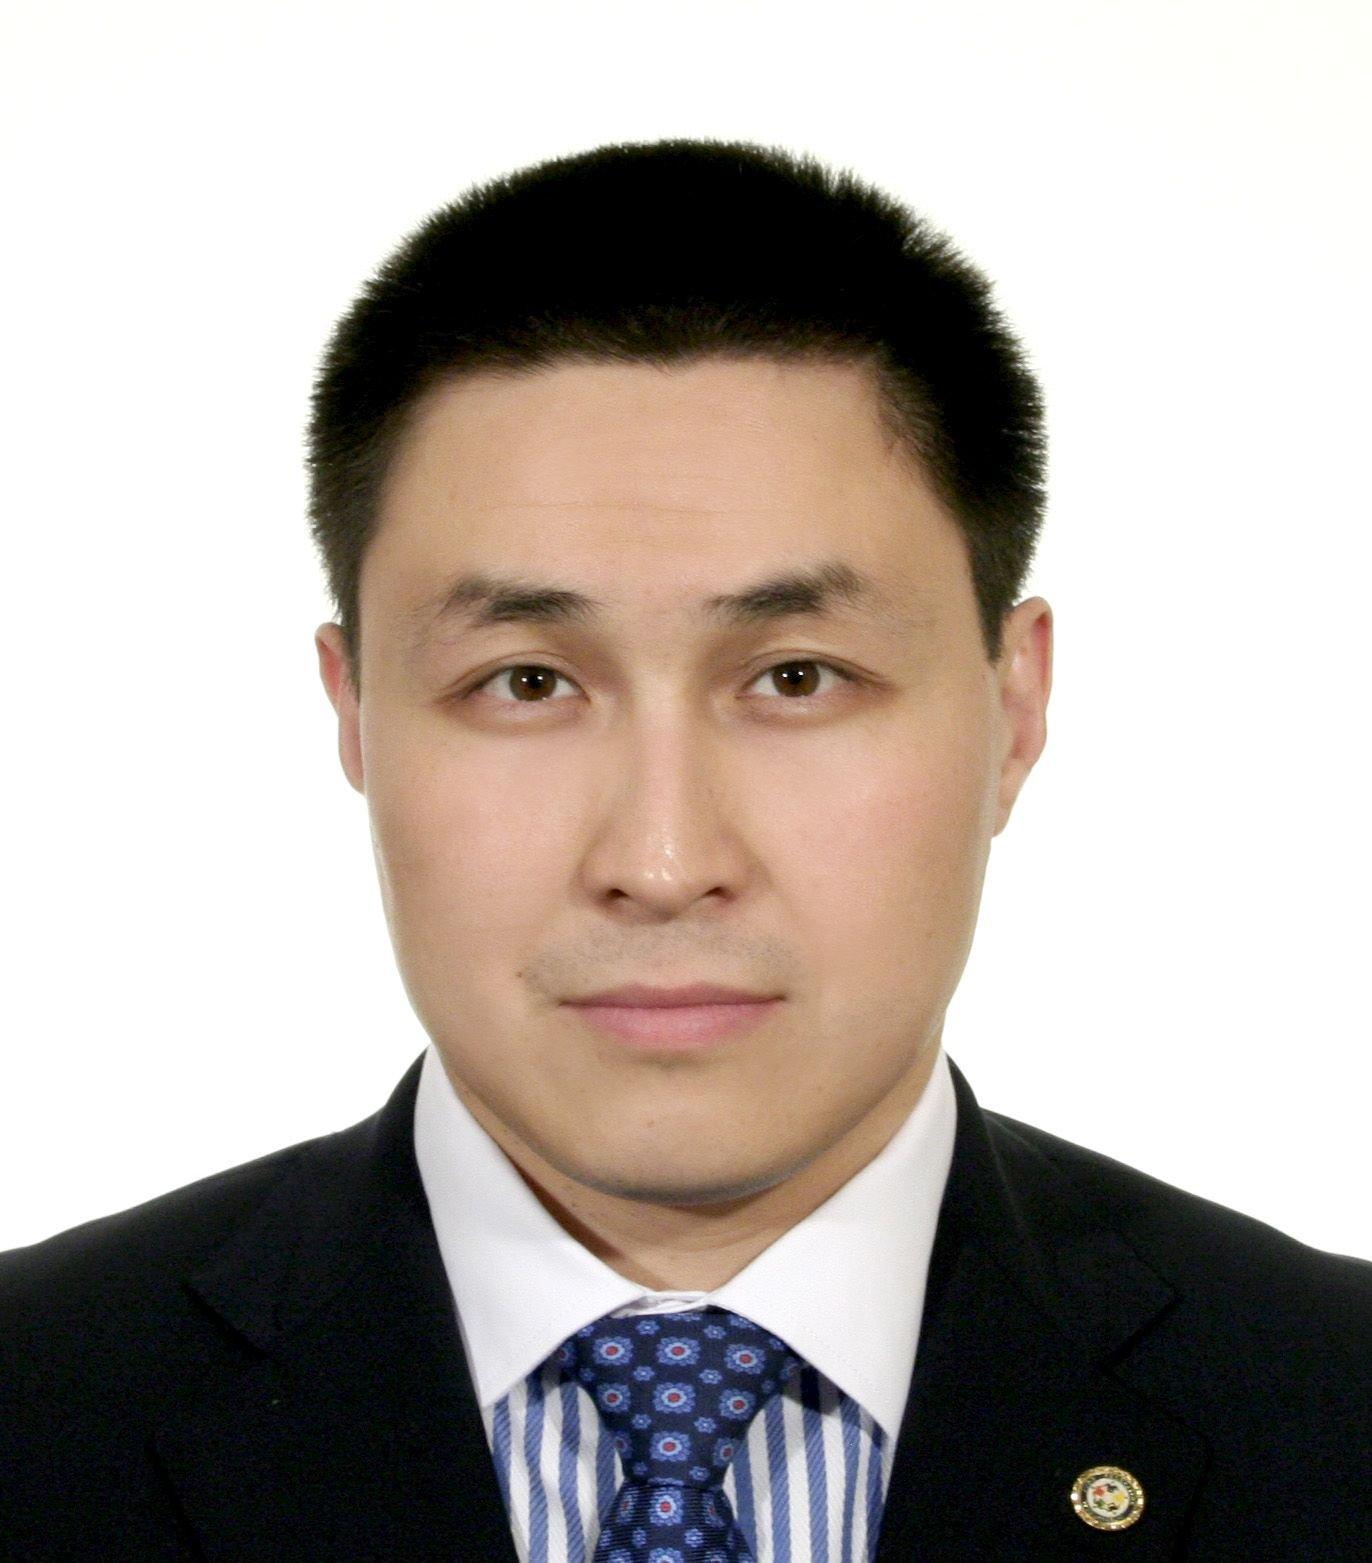 Mr. Almaz Alsenov